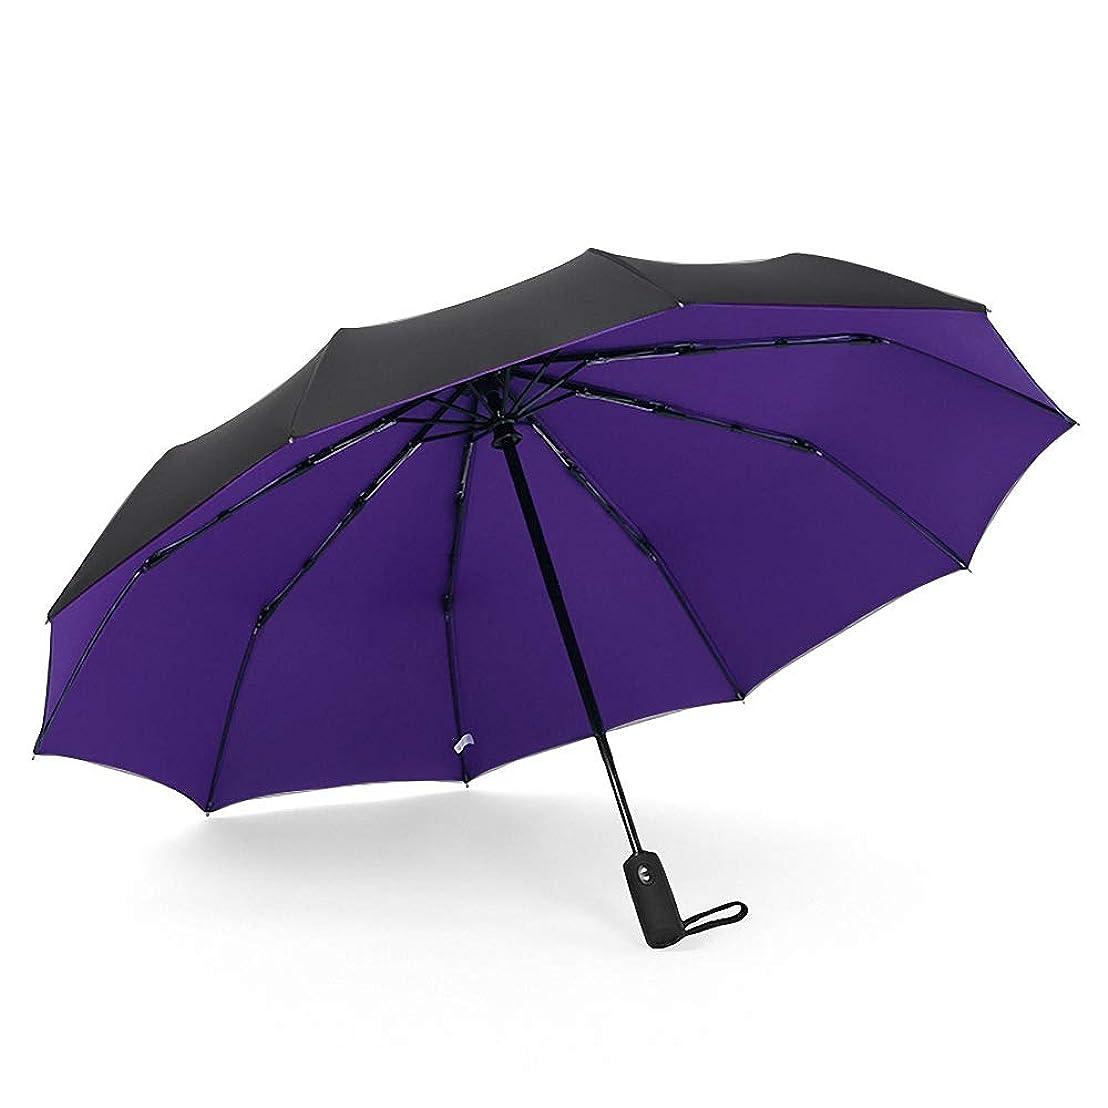 調停する酸度ところでD&L 折りたたみ傘 自動開閉 頑丈な10本骨 大きい メンズ傘 Teflon加工 超撥水 210T高強度グラスファイバ ー 耐強風 二重の傘面 晴雨兼用 (パープル)